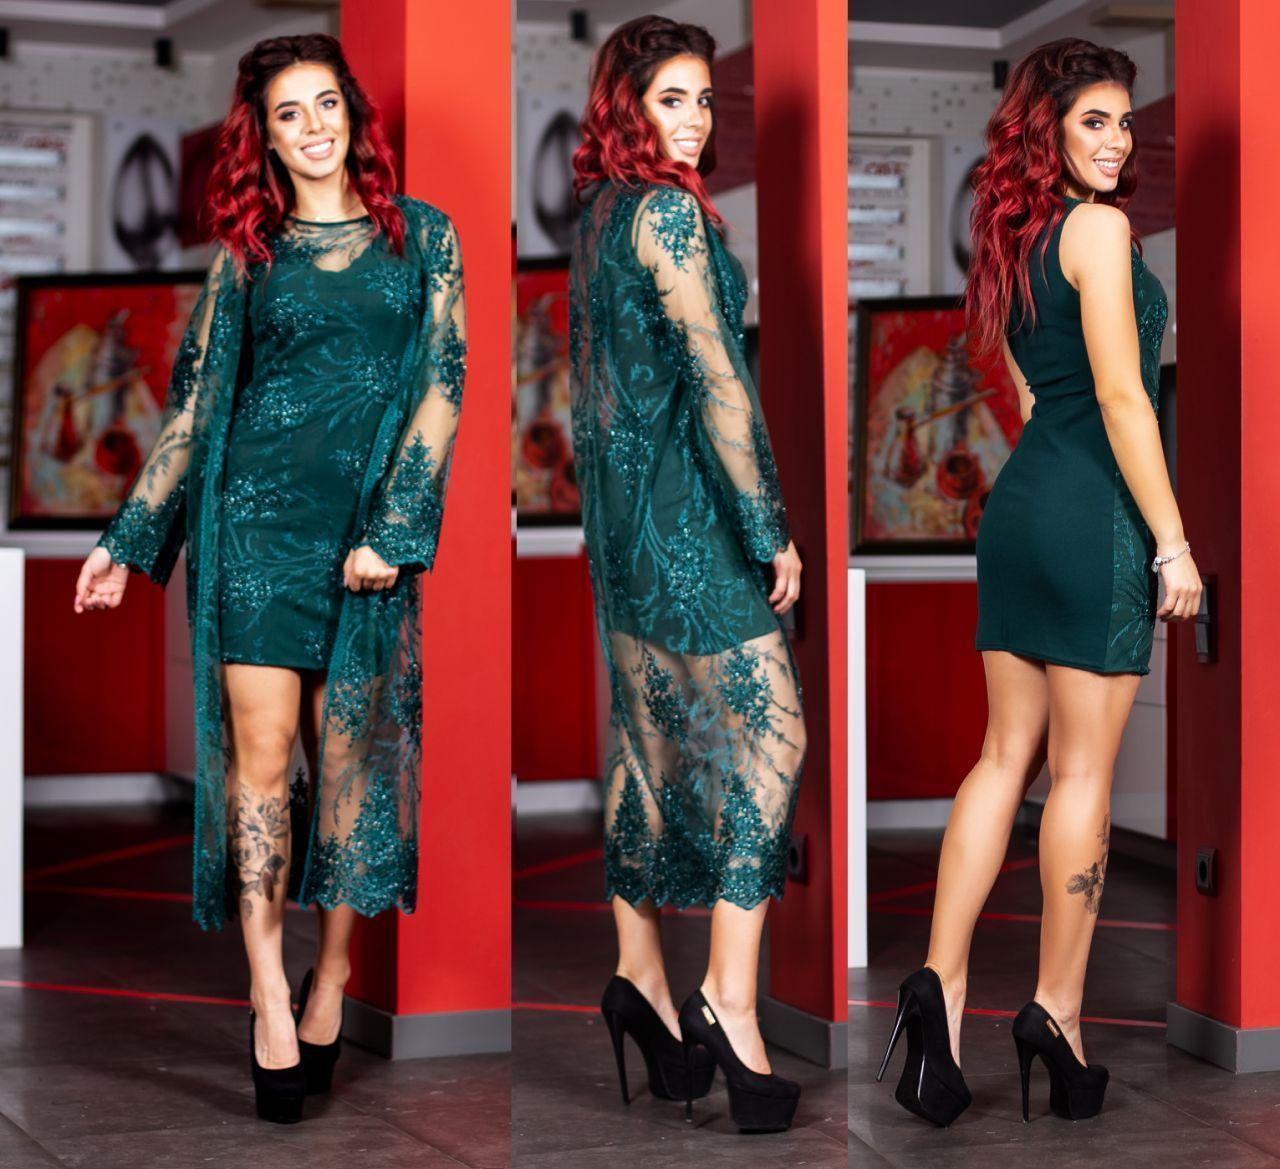 Шикарный праздничный комплект с дорогой вышивкой: облегающее платье и длинная расшитая накидка кардиган